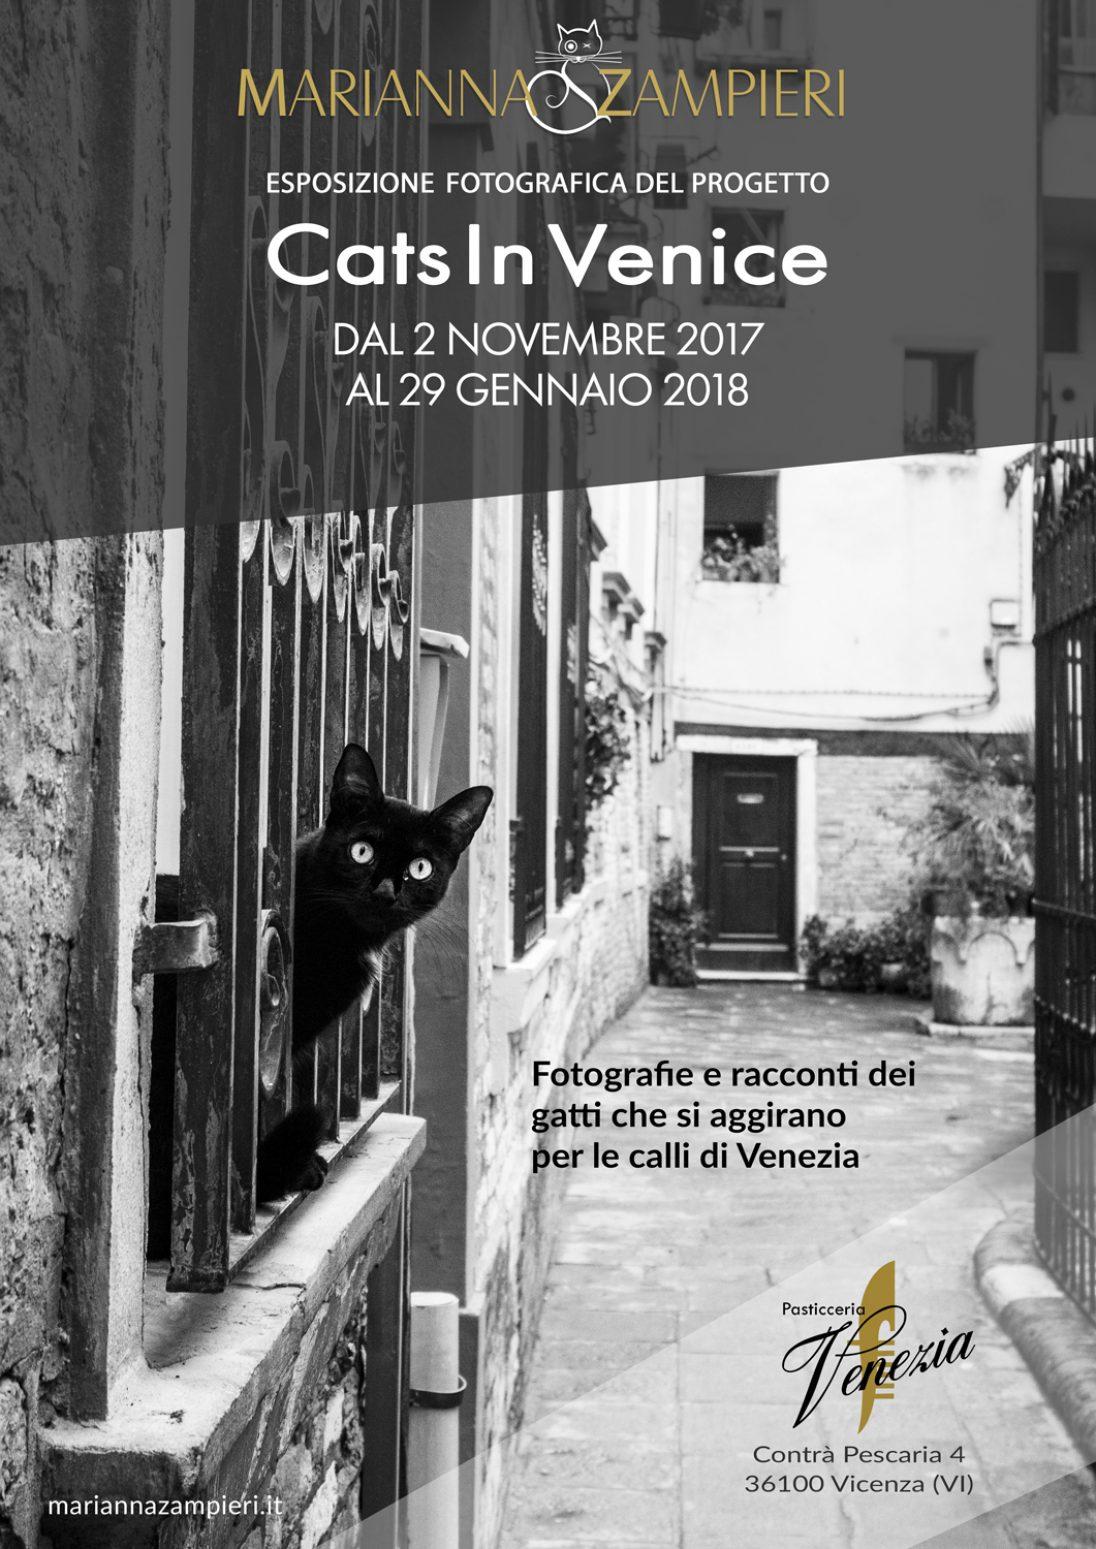 Cats in Venice la mostra